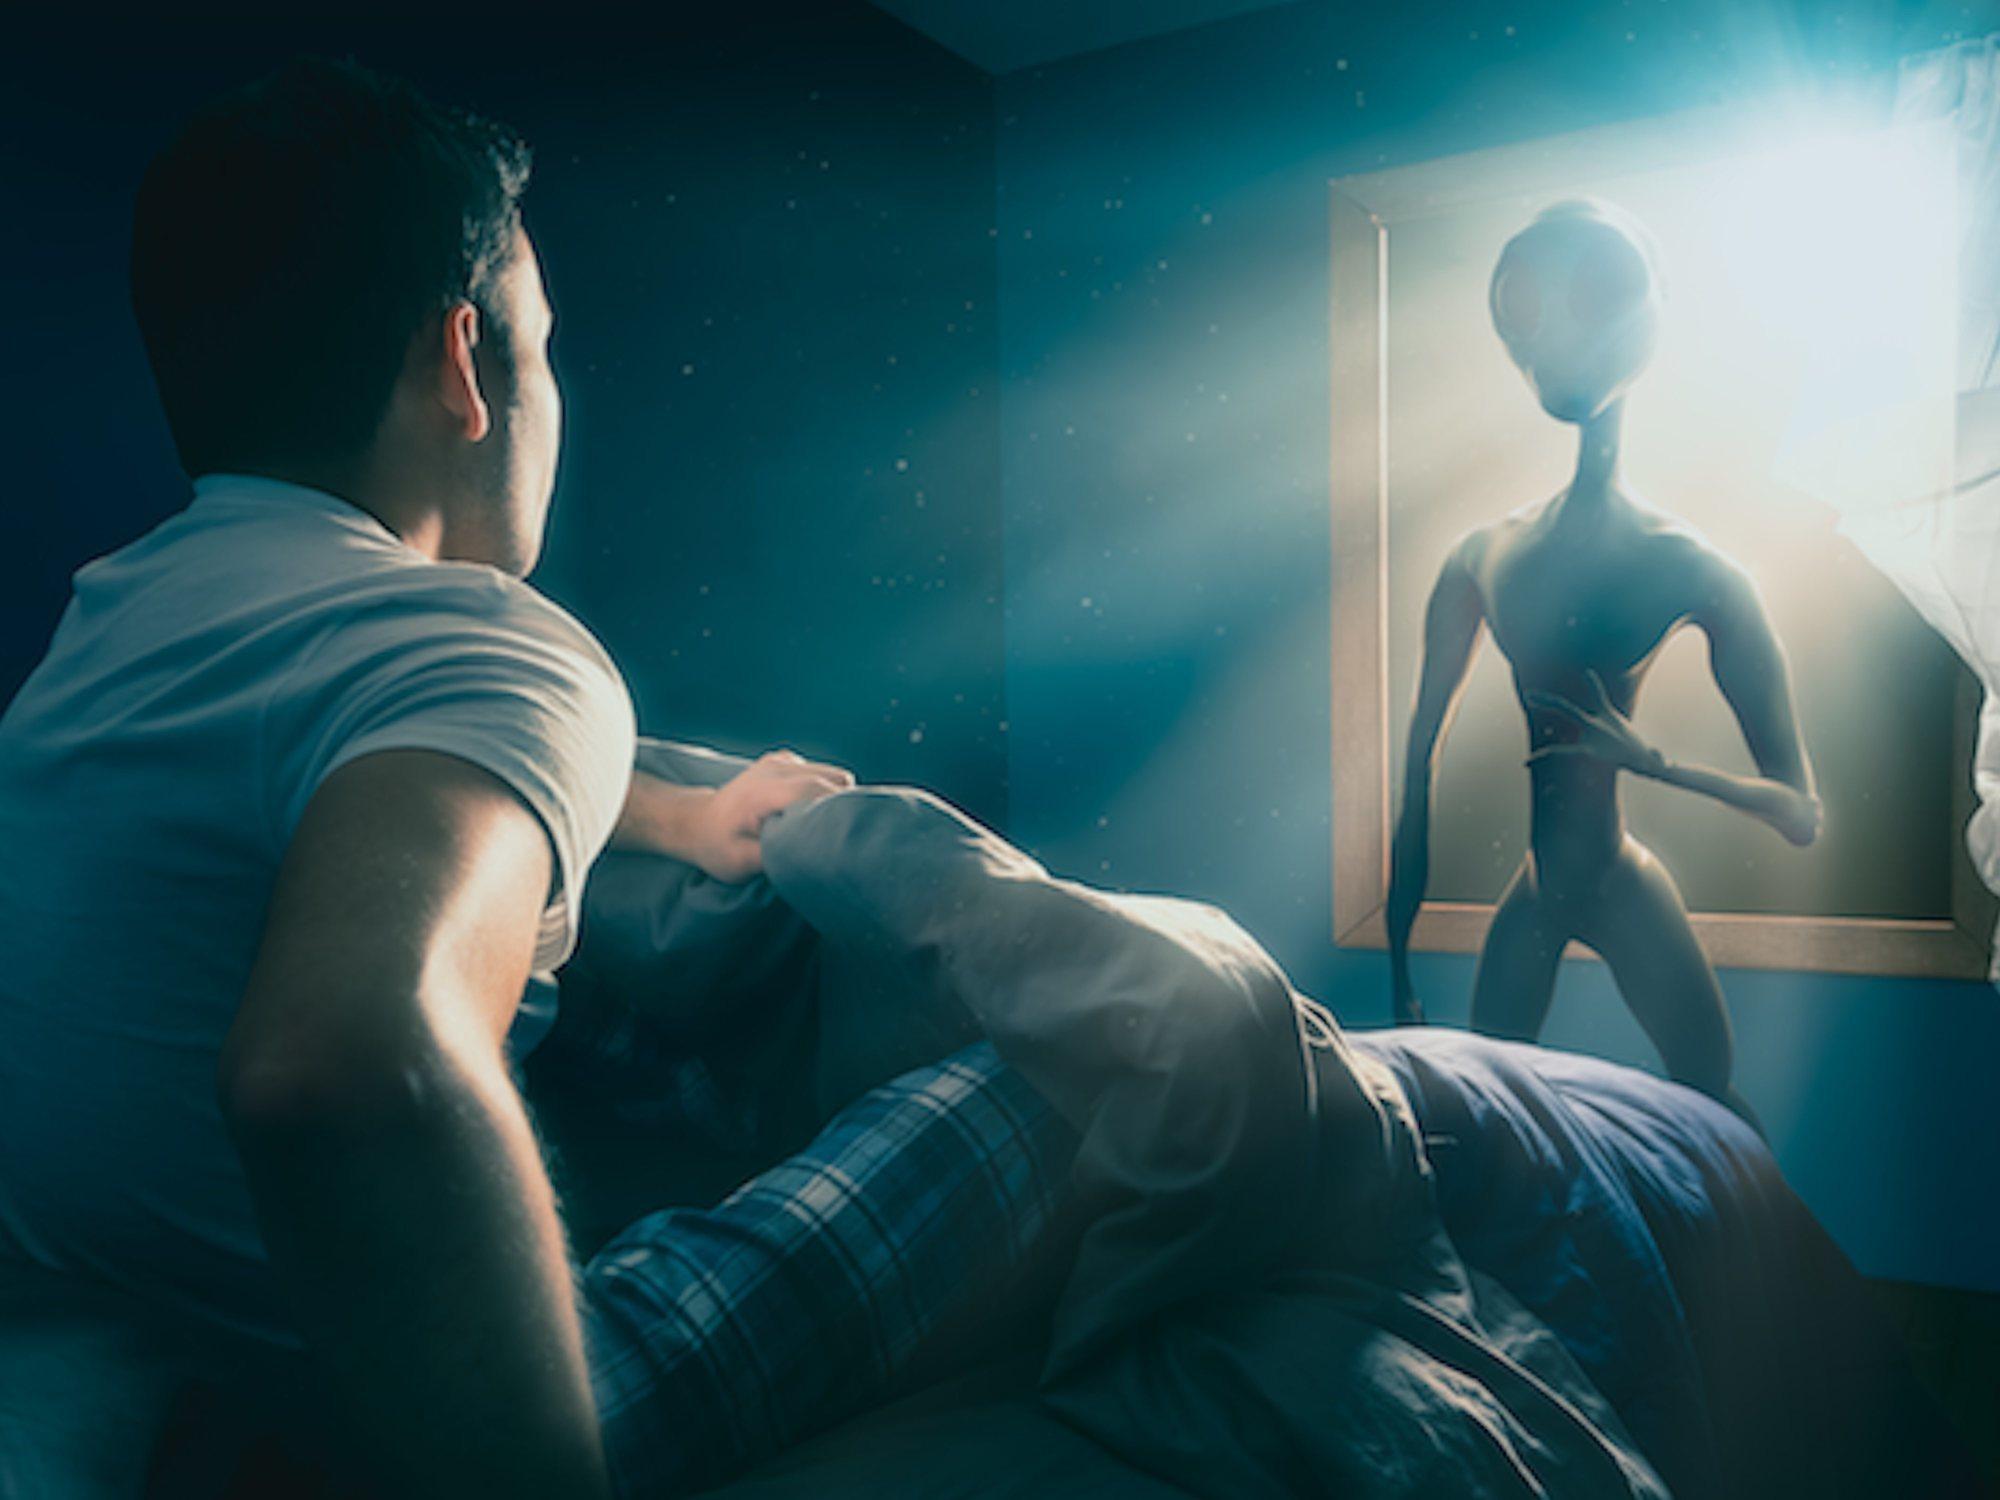 Las búsquedas de sexo con aliens se disparan en páginas porno y la culpa es del Área 51